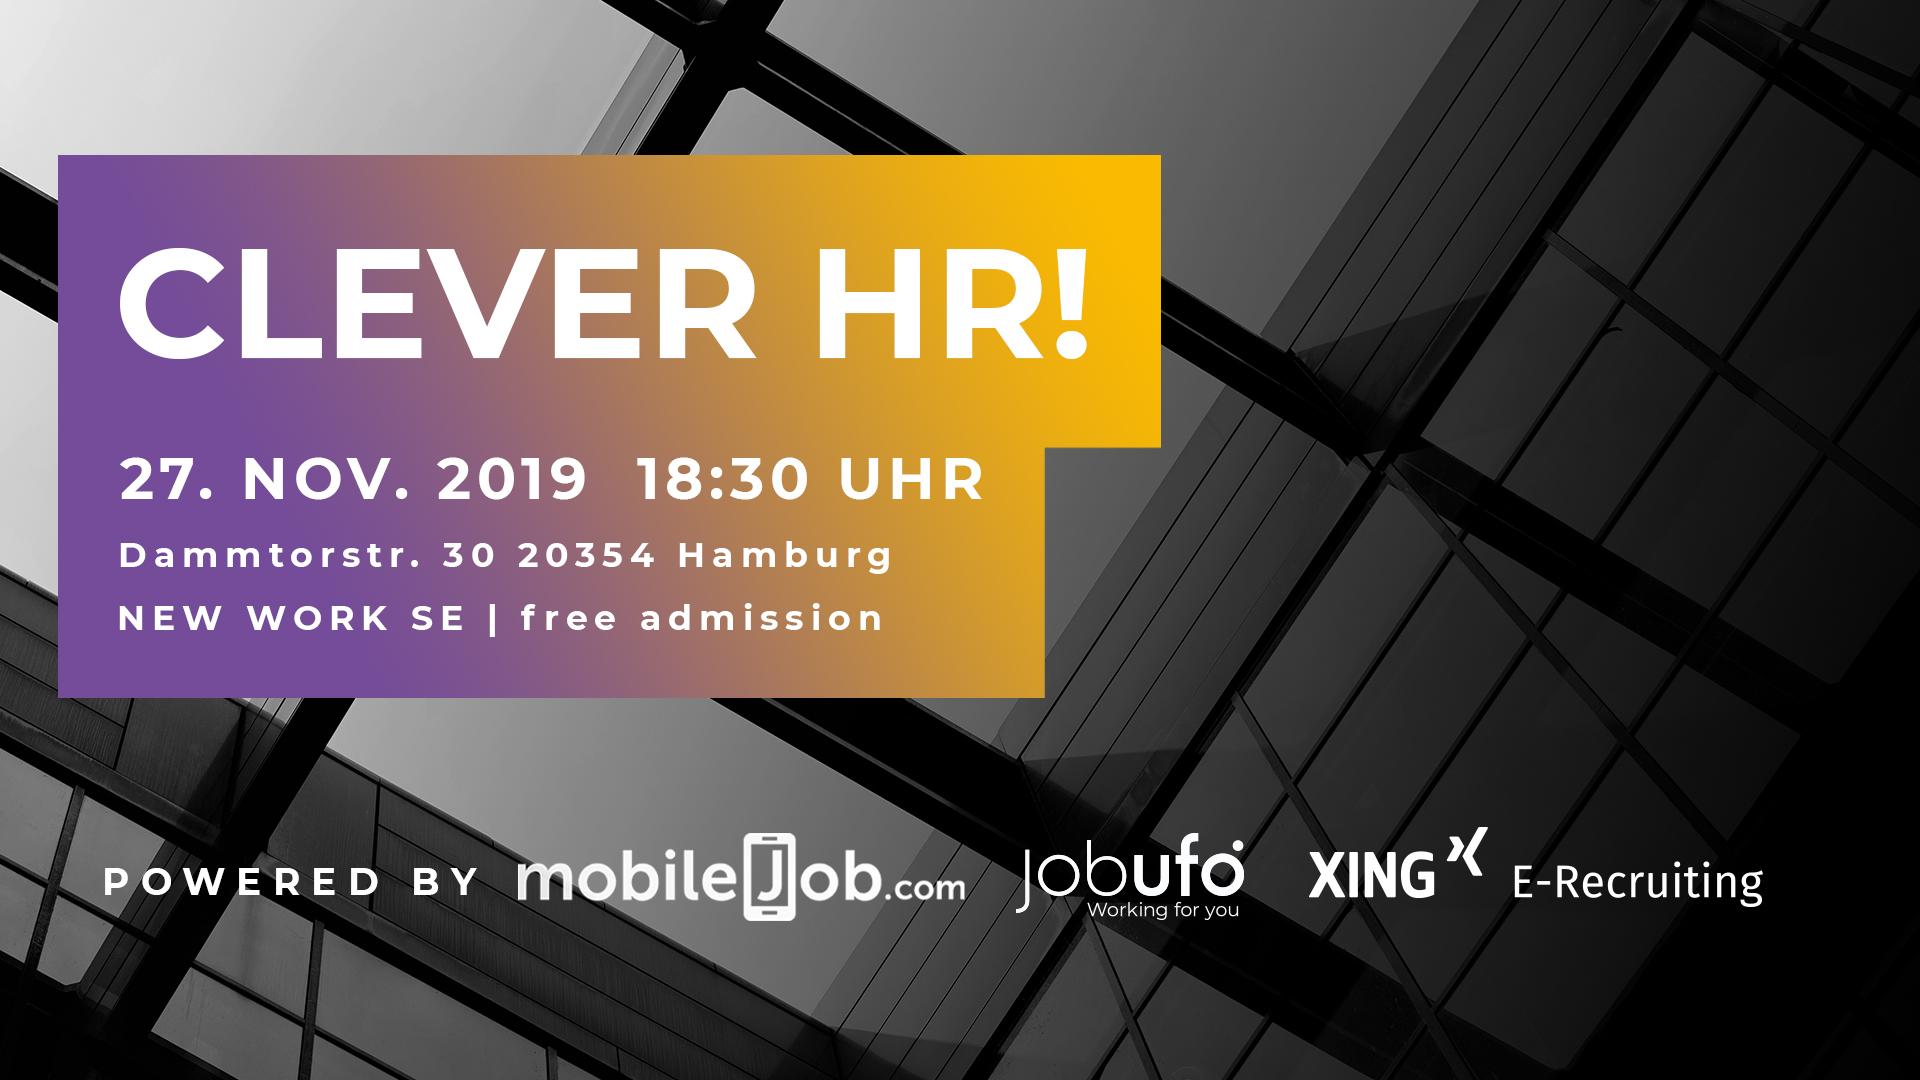 CleverHR_Meetup_Hamburg_Sharepic_16x9_Logos klein unten